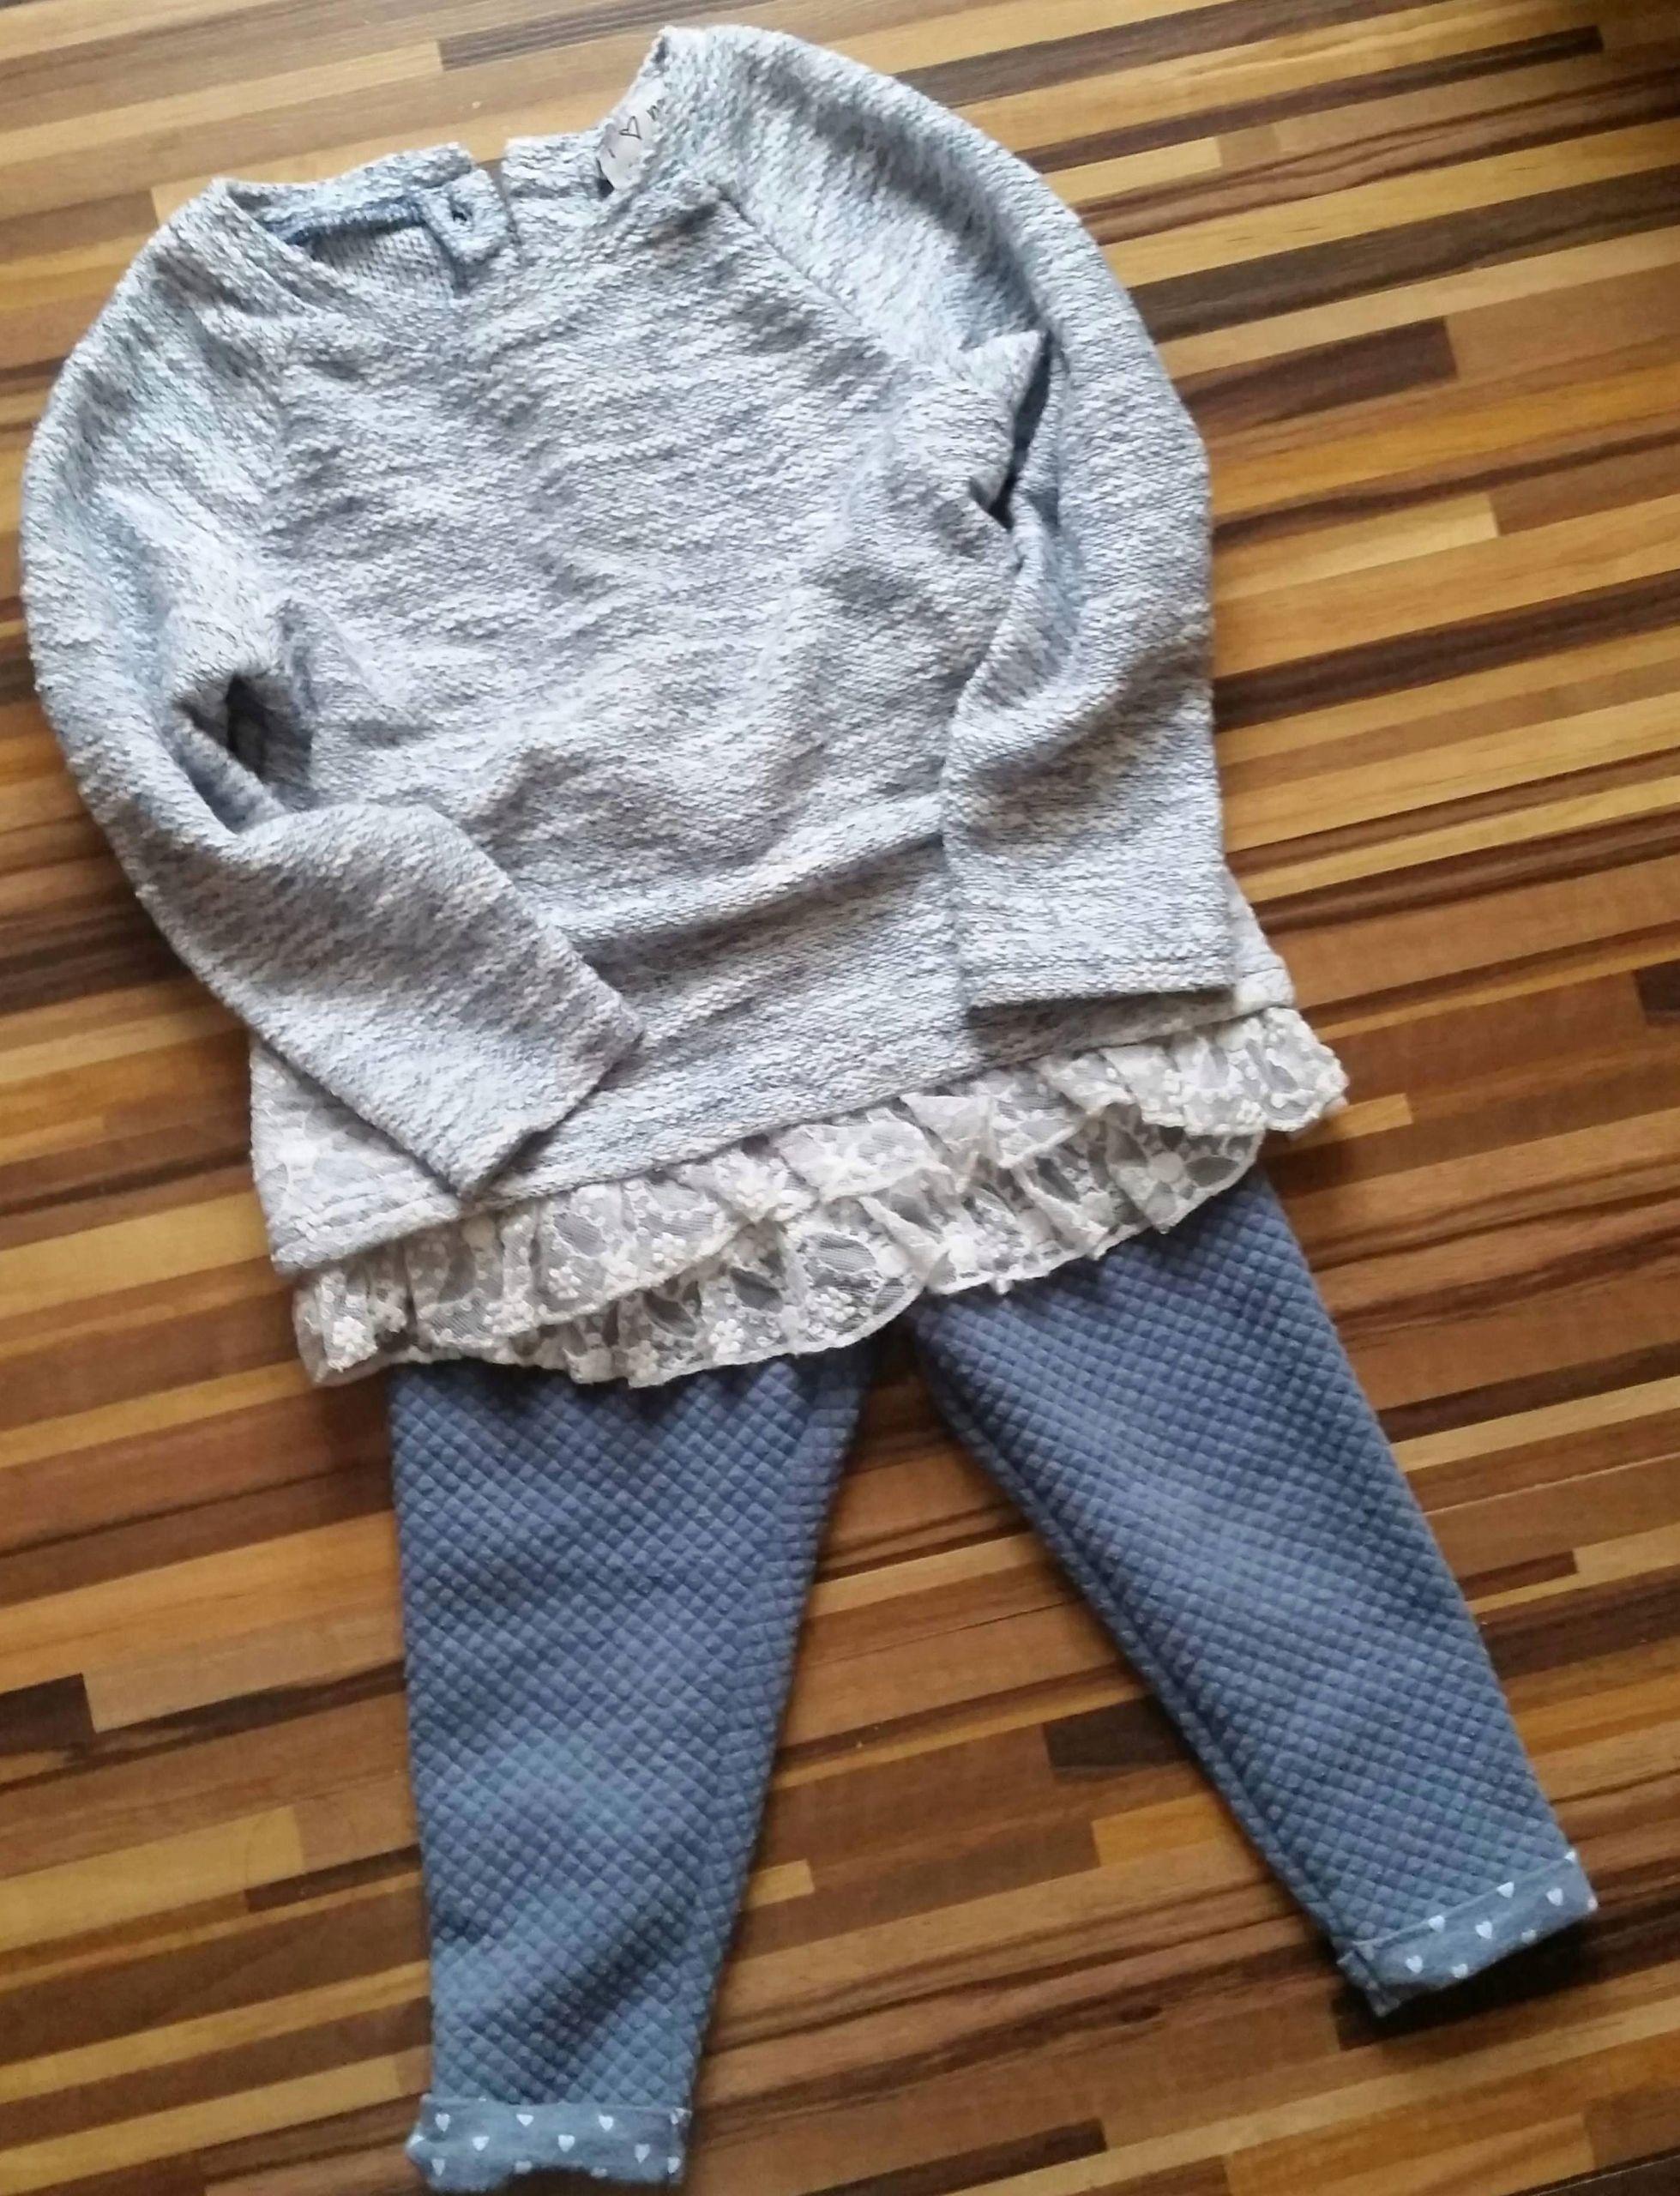 Https Allegro Pl Oferta Pepco Spodnie Niebieskie Grubsze J Zara Next 80 7820973878 Kids Fashion Fashion Zara